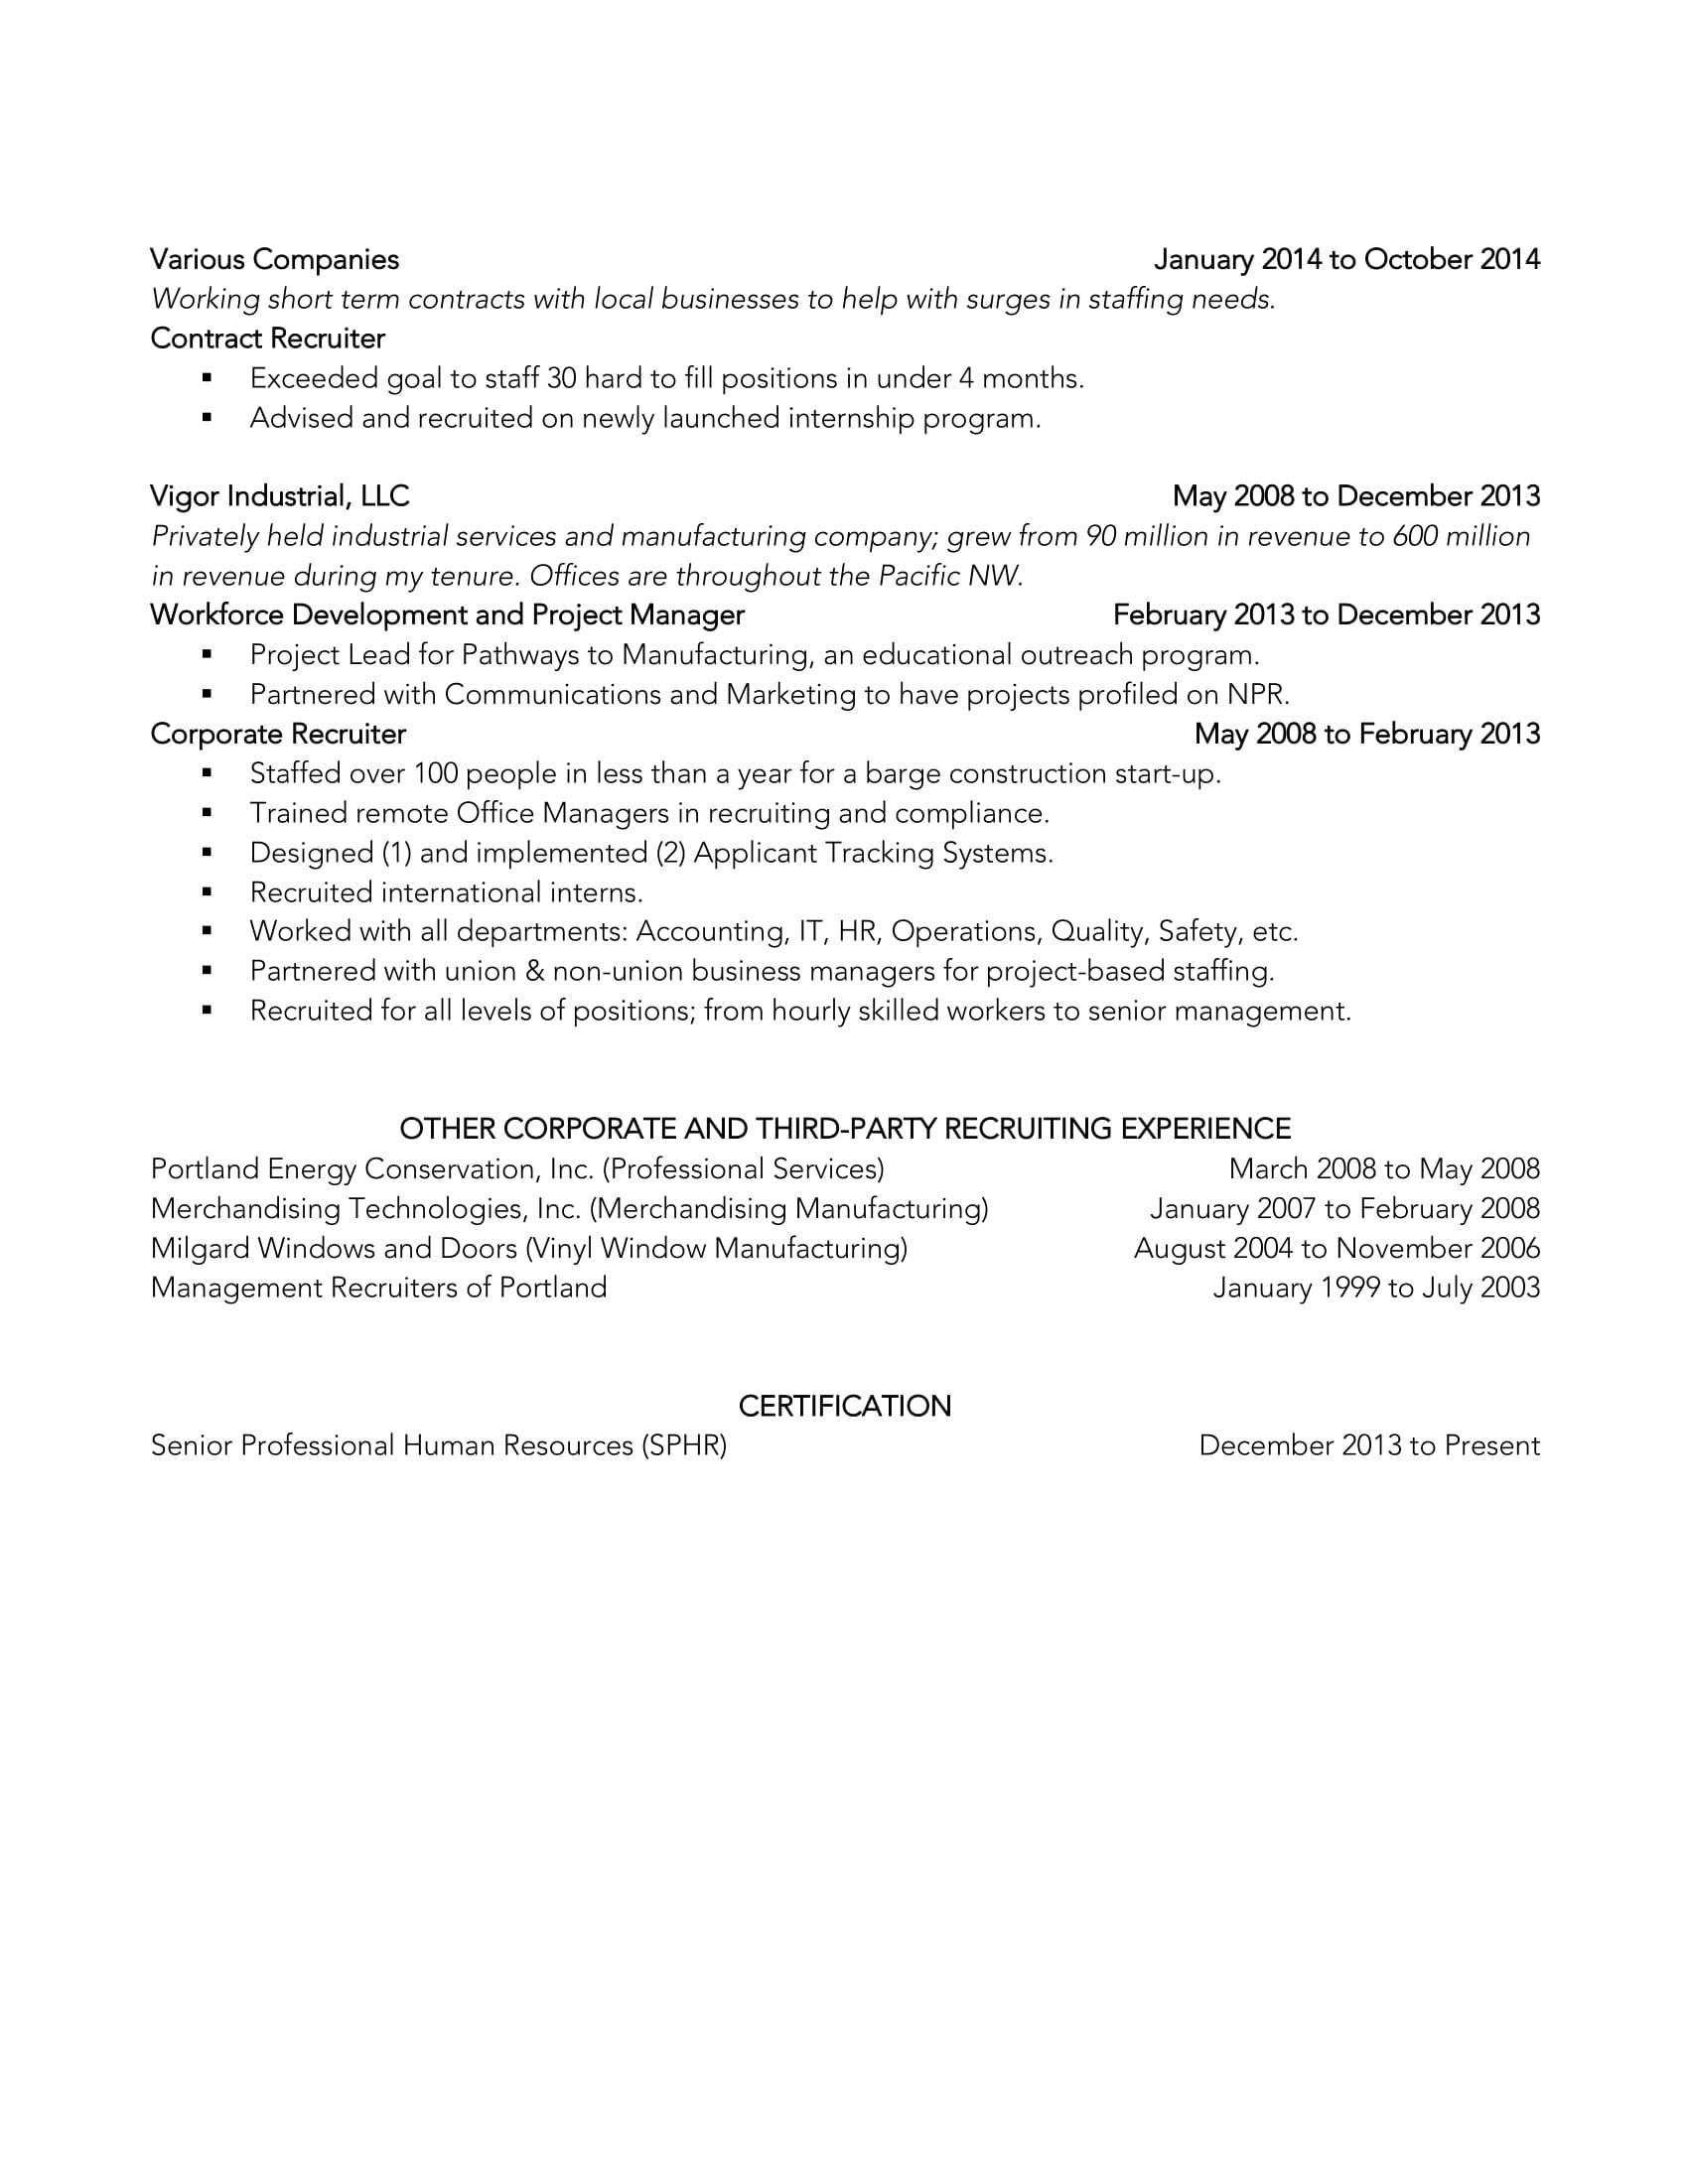 Resume for website-2.jpg